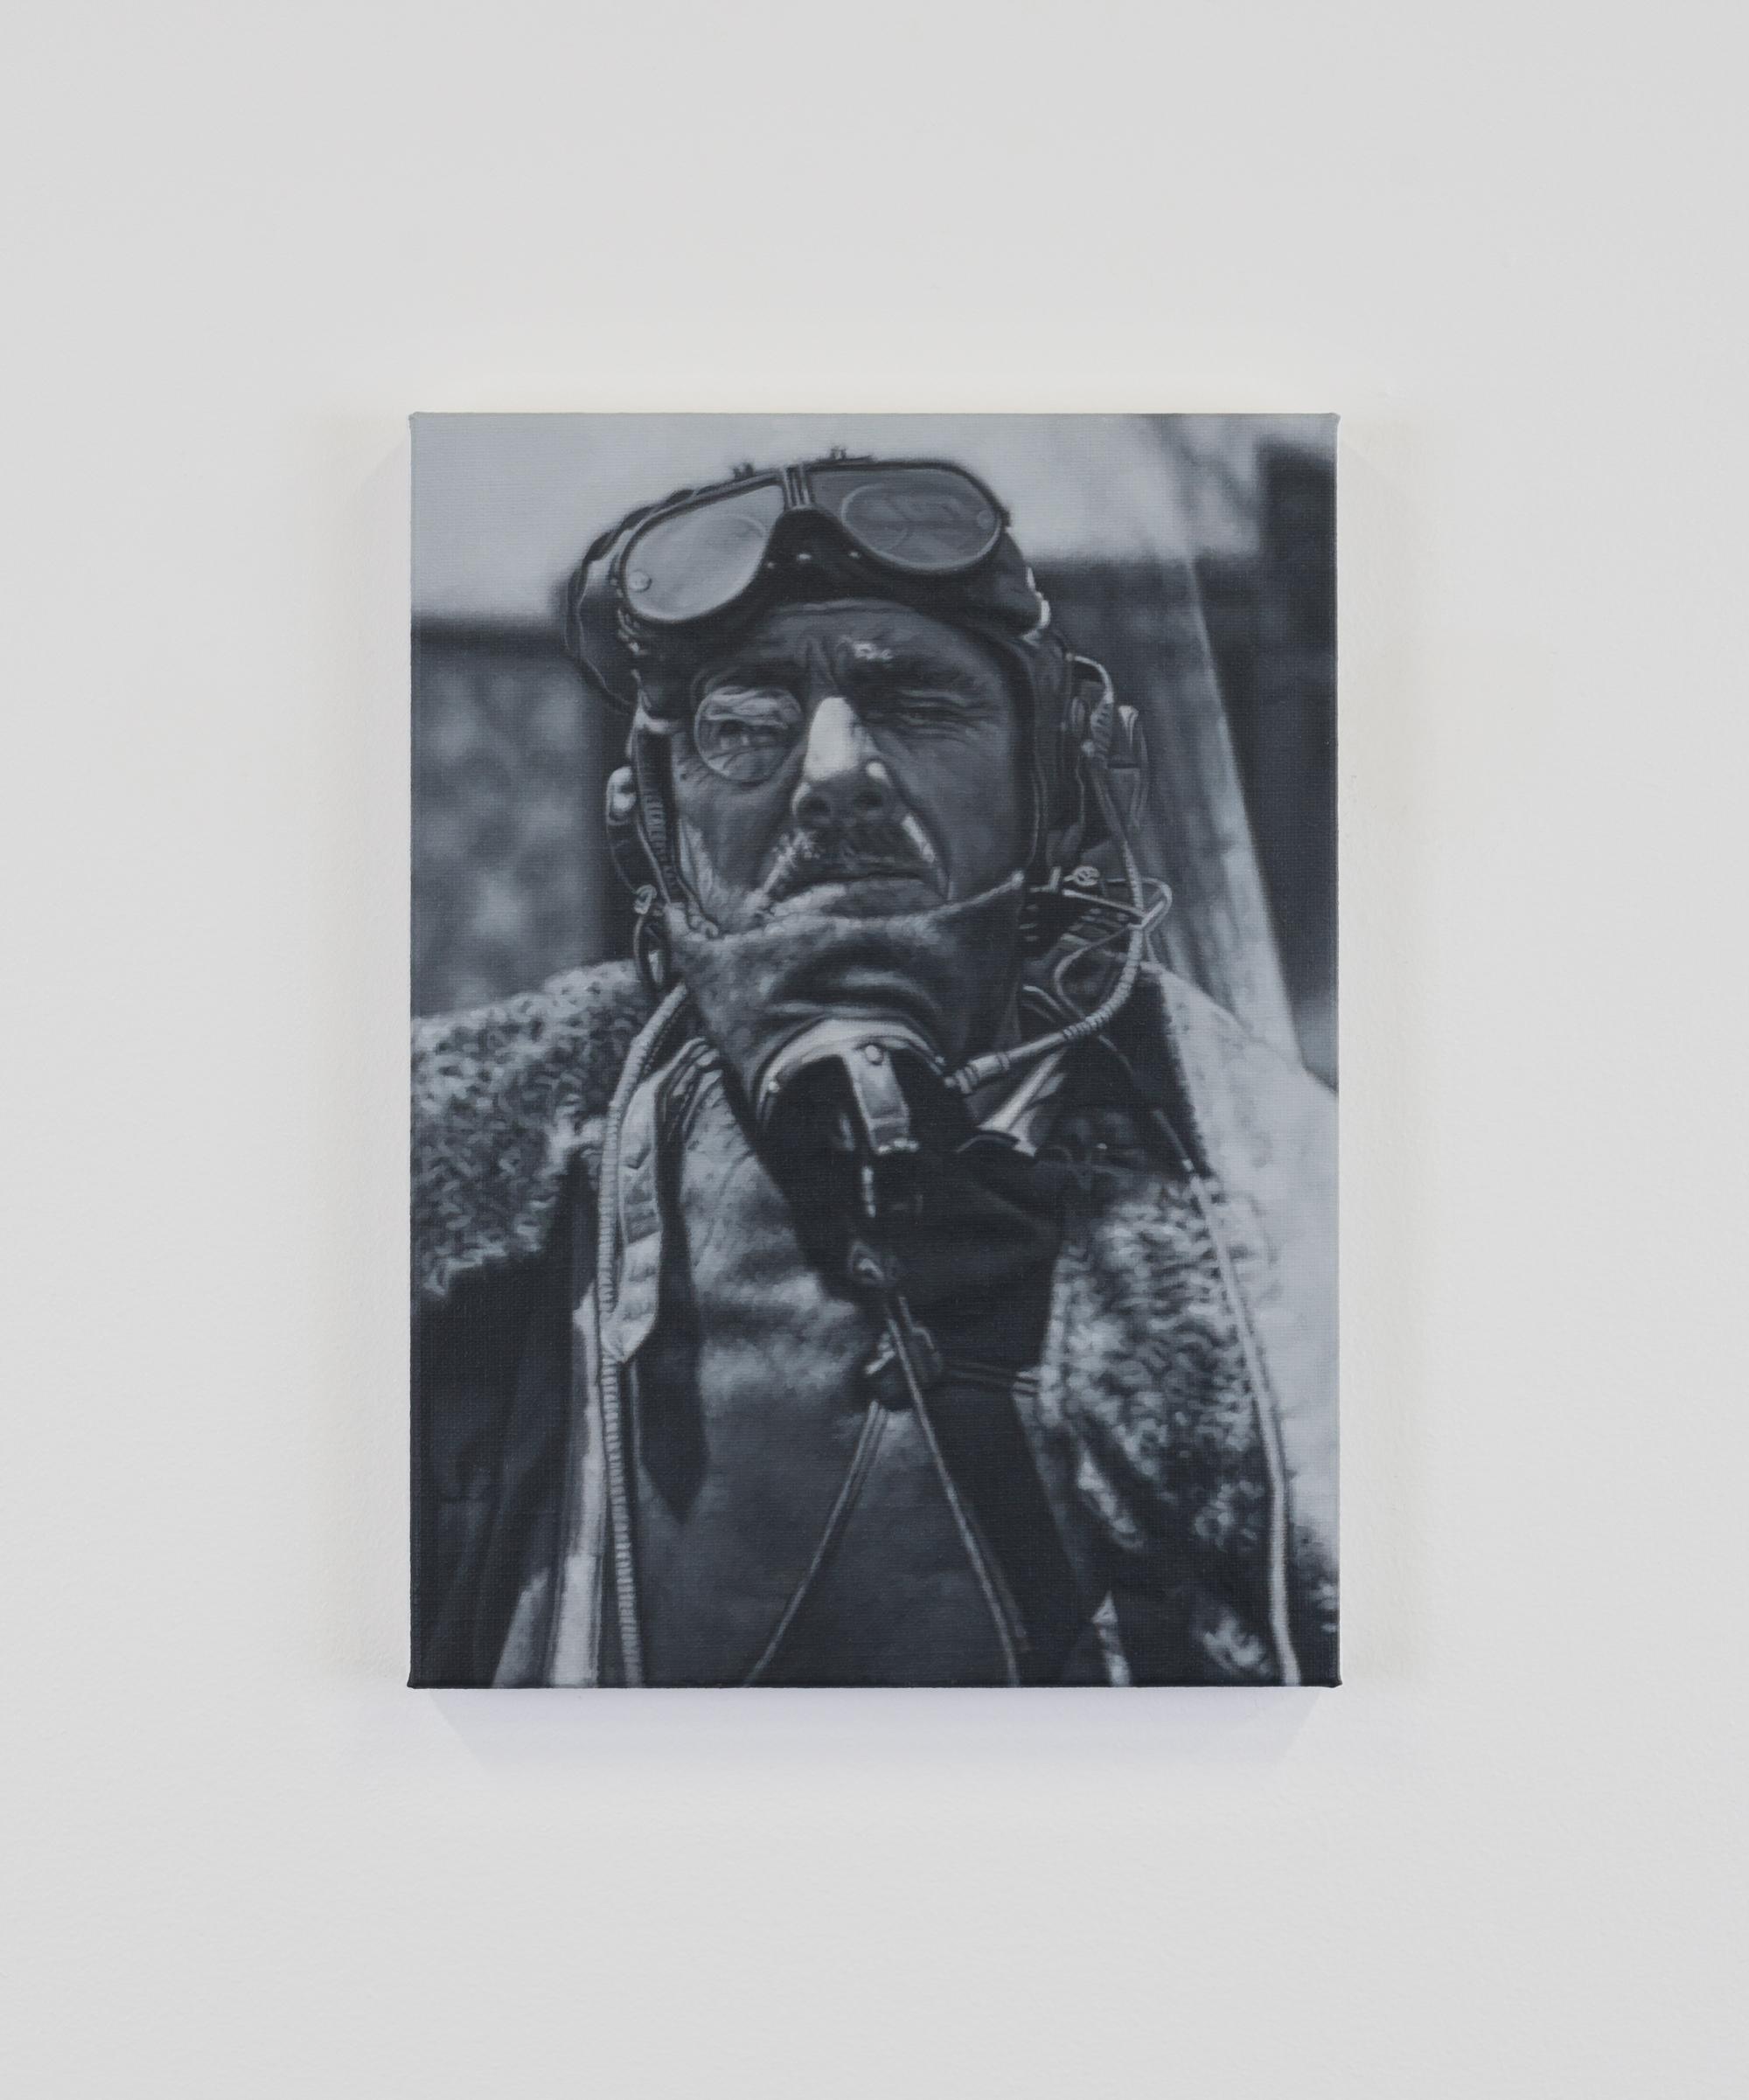 Tomas Lundgren - Pilot